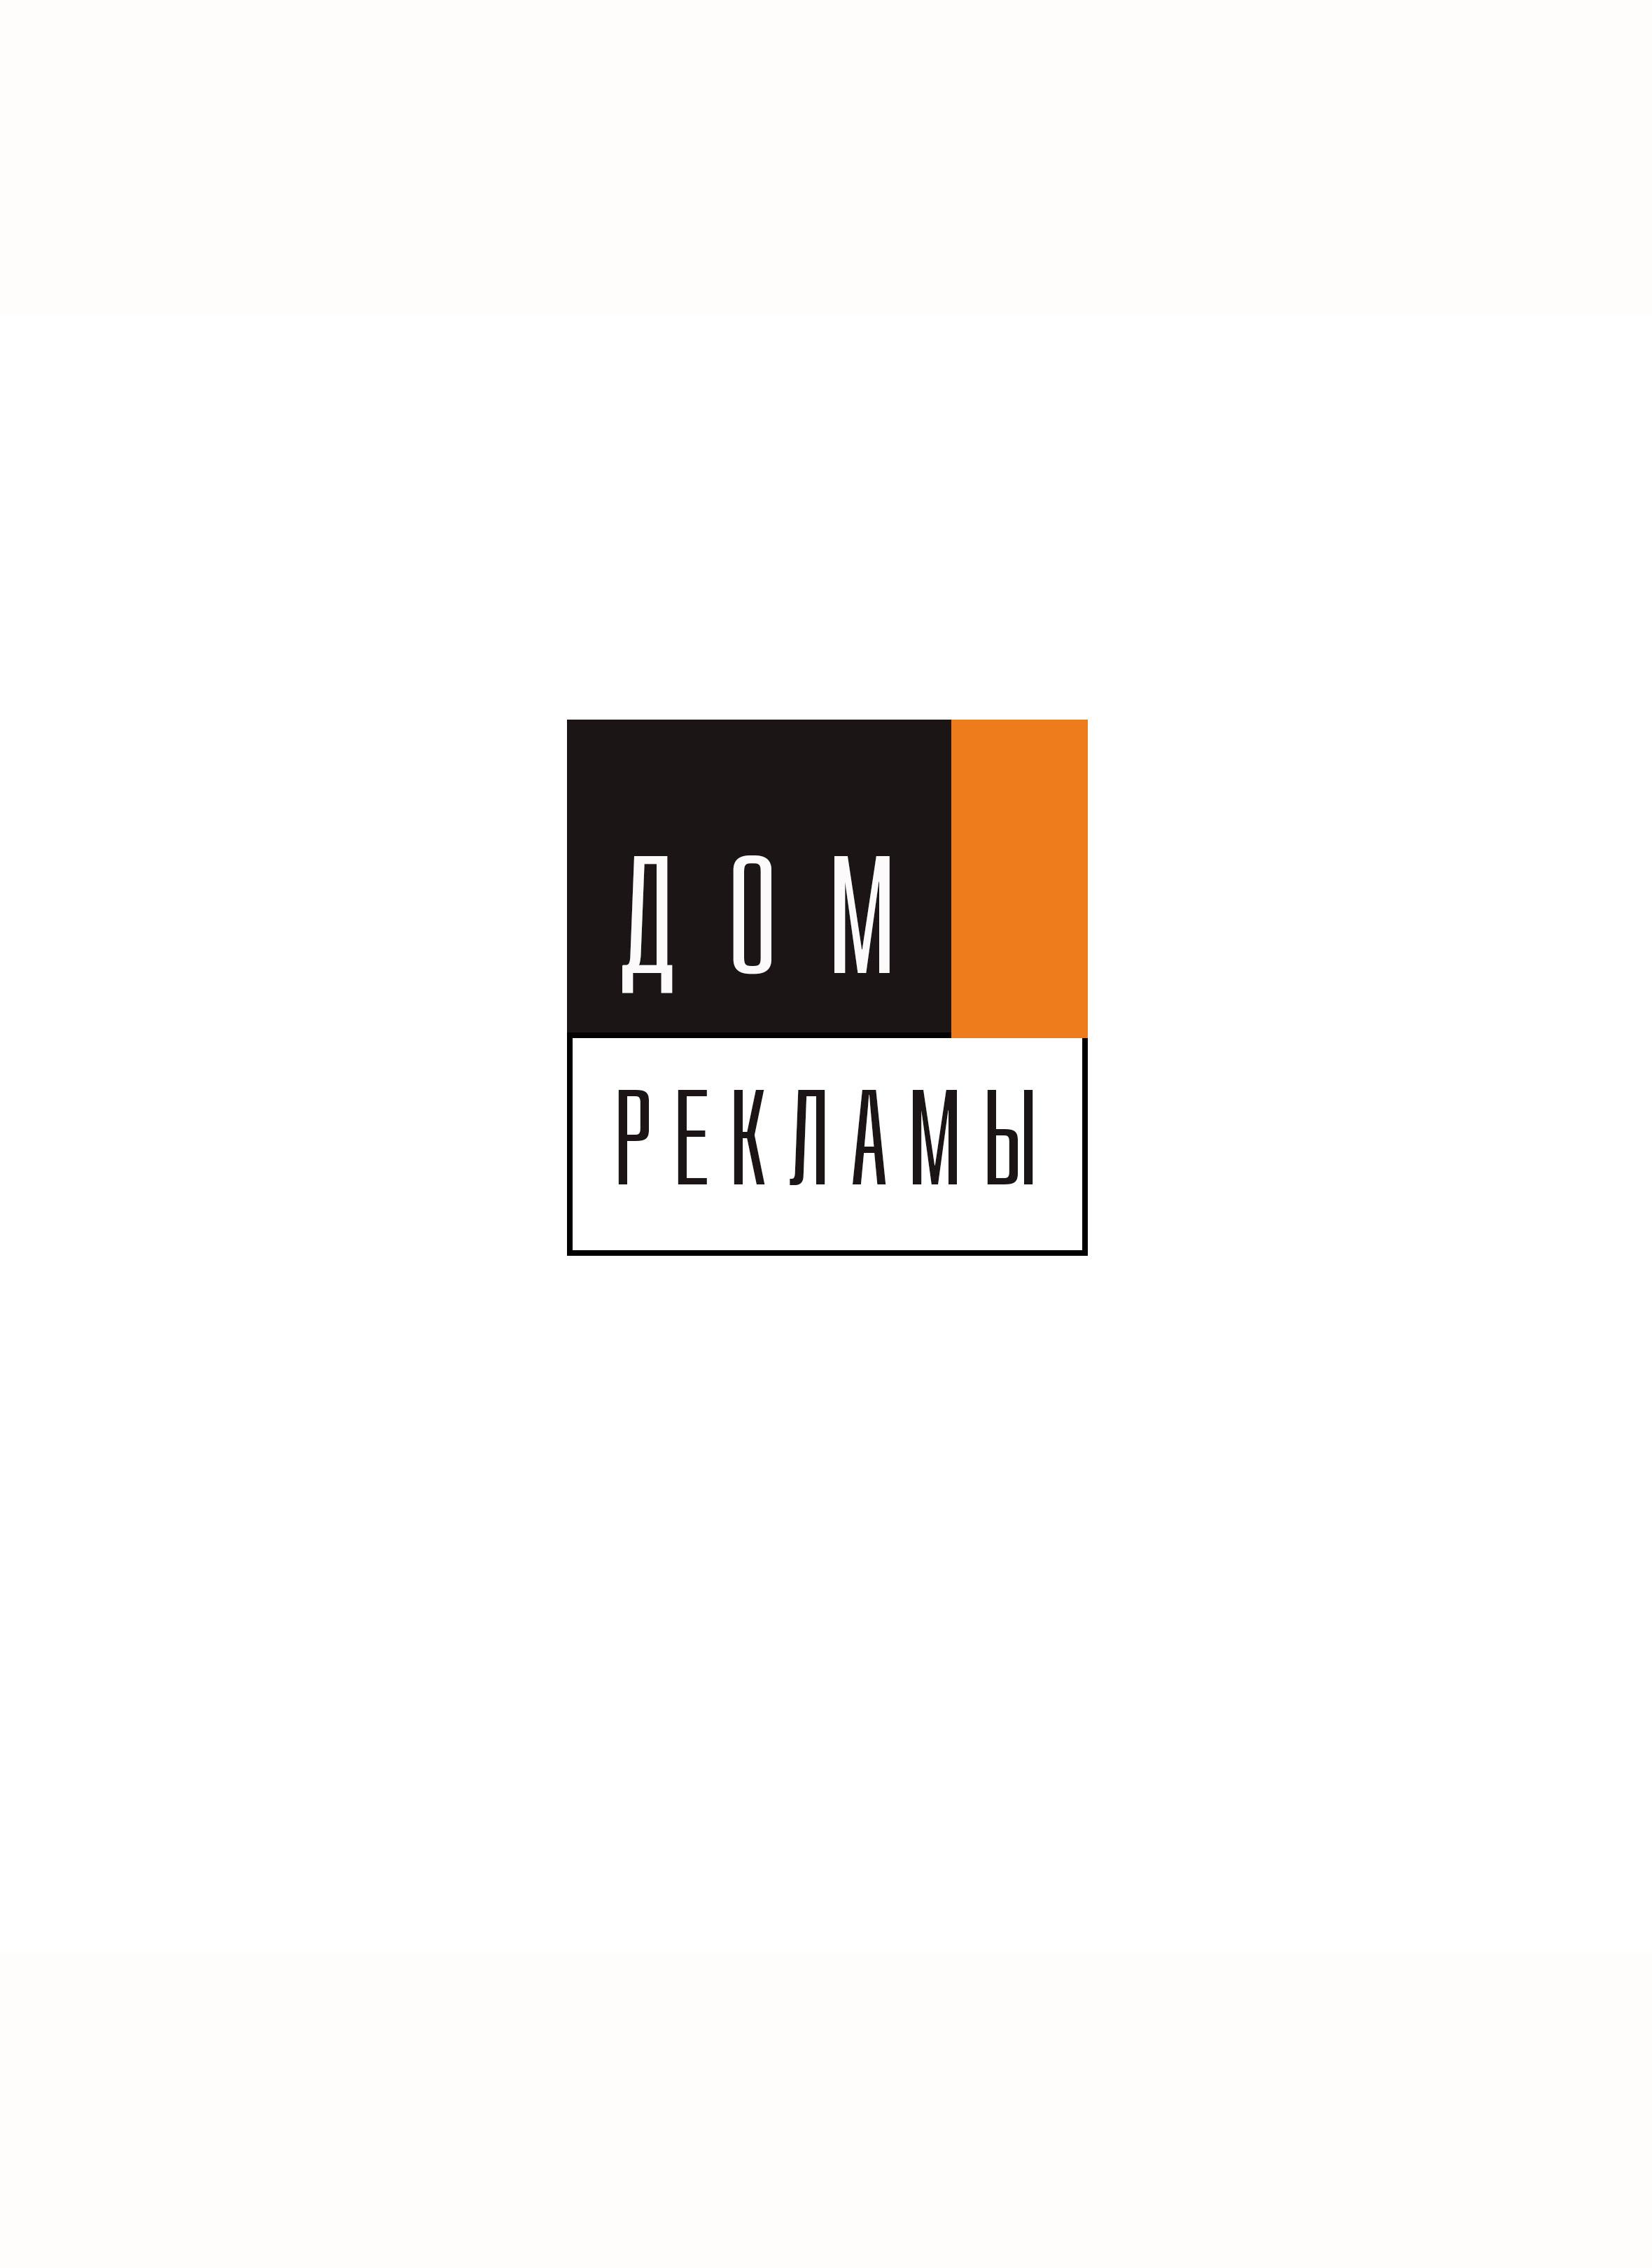 Дизайн логотипа рекламно-производственной компании фото f_0815eda366780a30.jpg